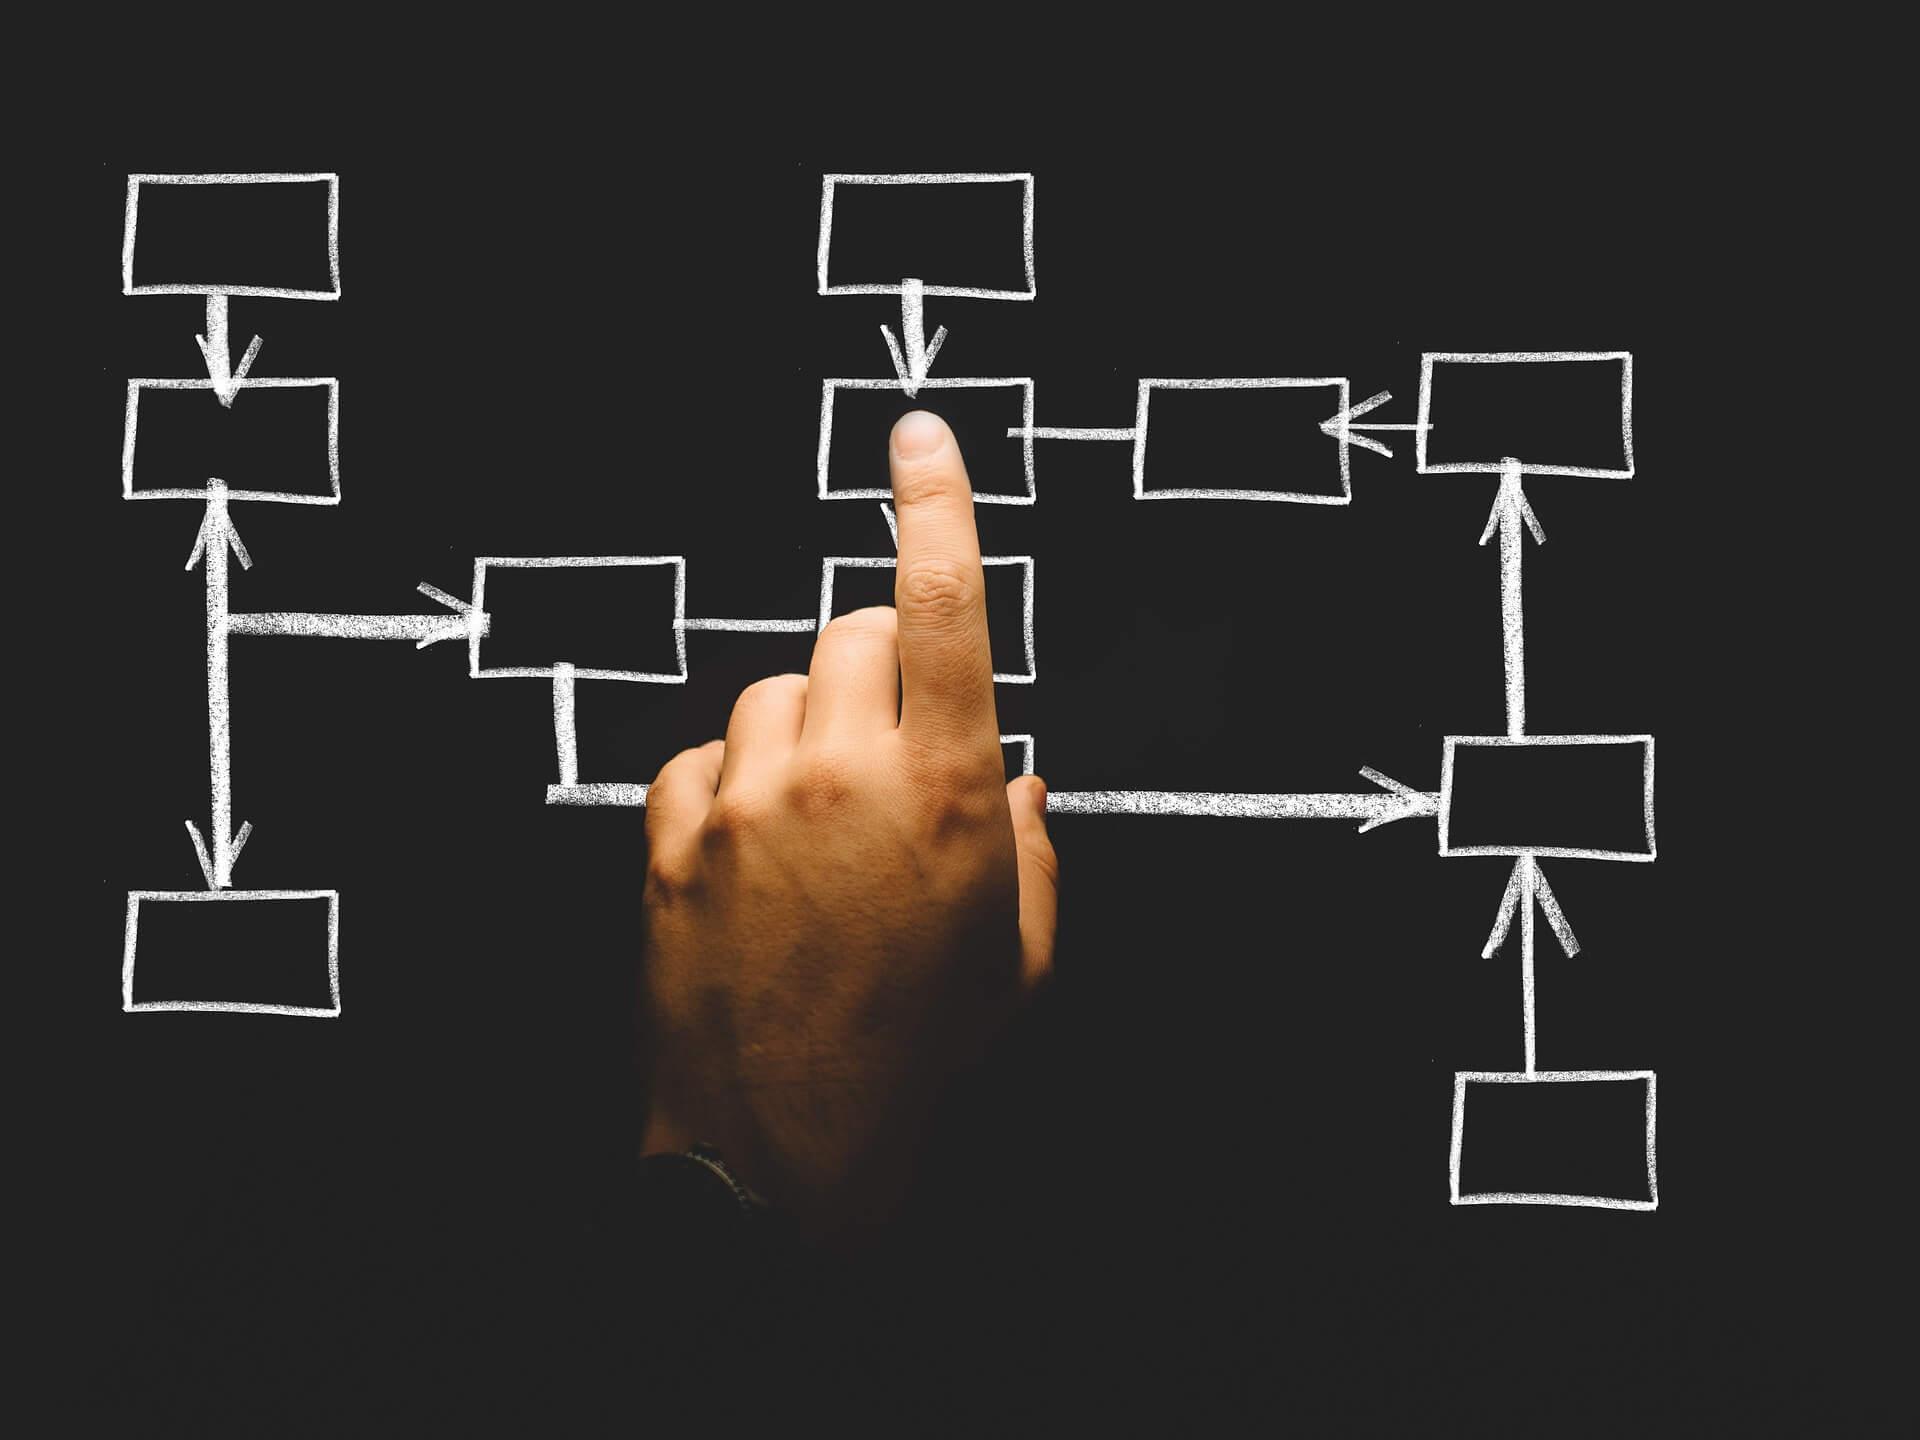 Un sistema ERP debe de estar integrado por diferentes módulos que ayuden al desarrollo saludable de la organización.